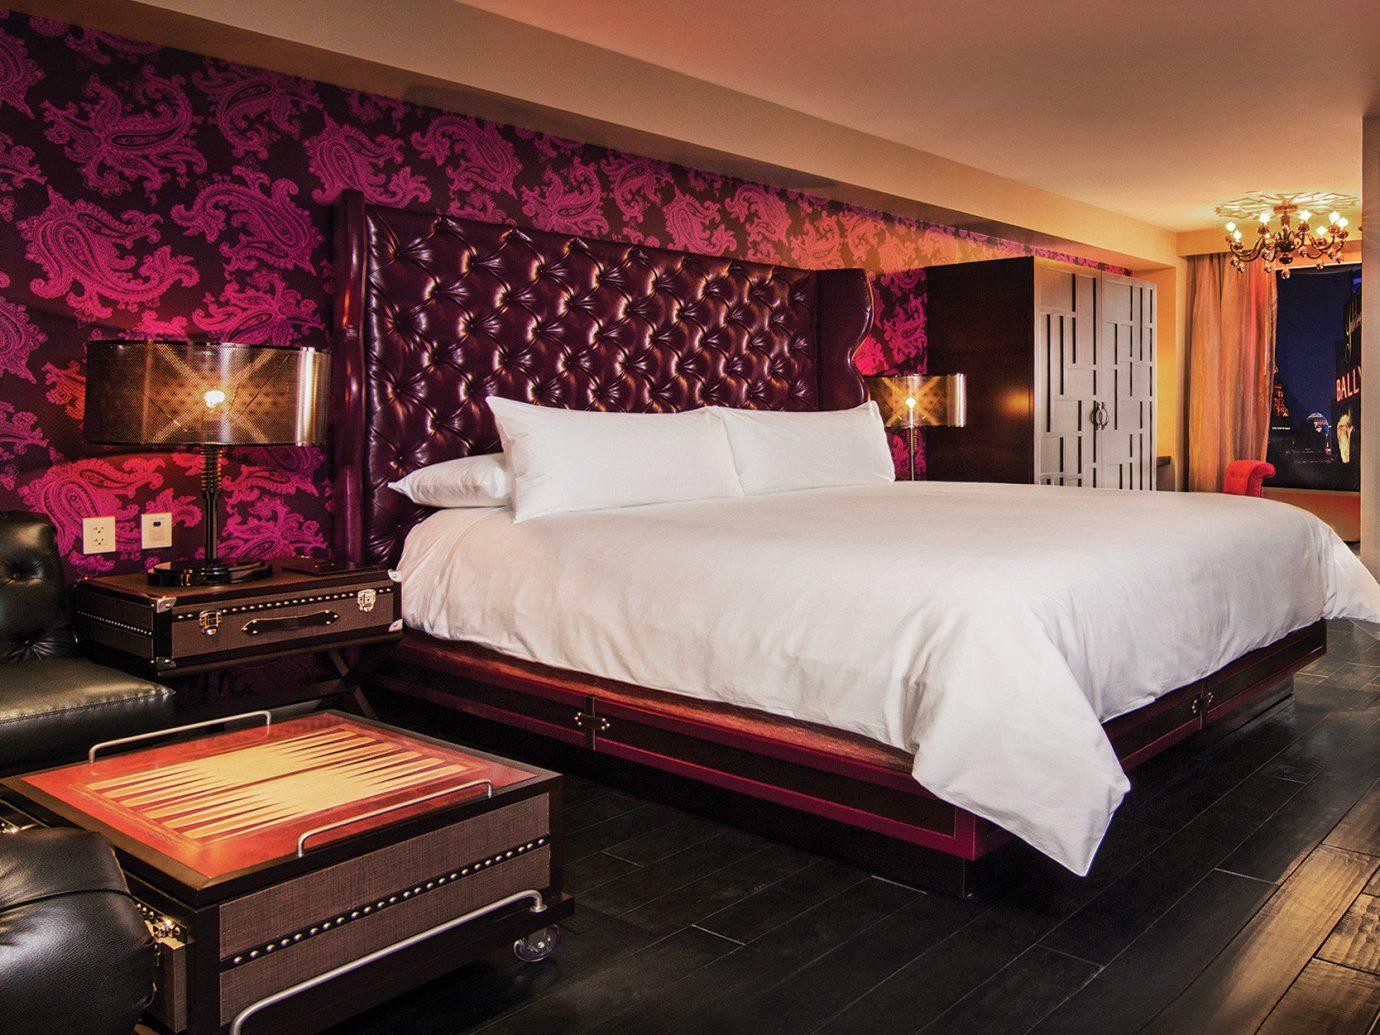 Hotels indoor bed wall floor room Suite Bedroom interior design bed sheet living room